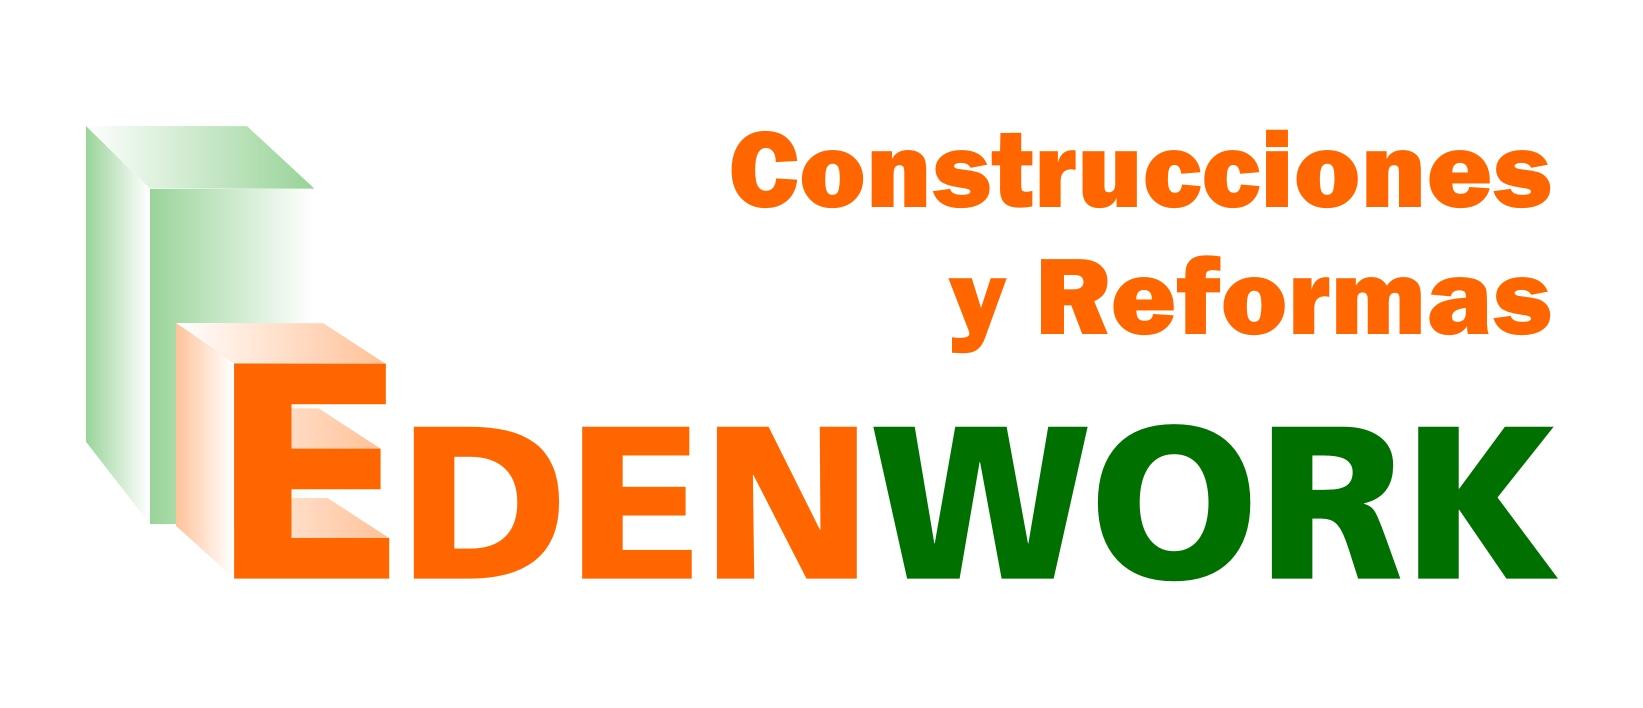 Construcciones Y Reformas Edenwork